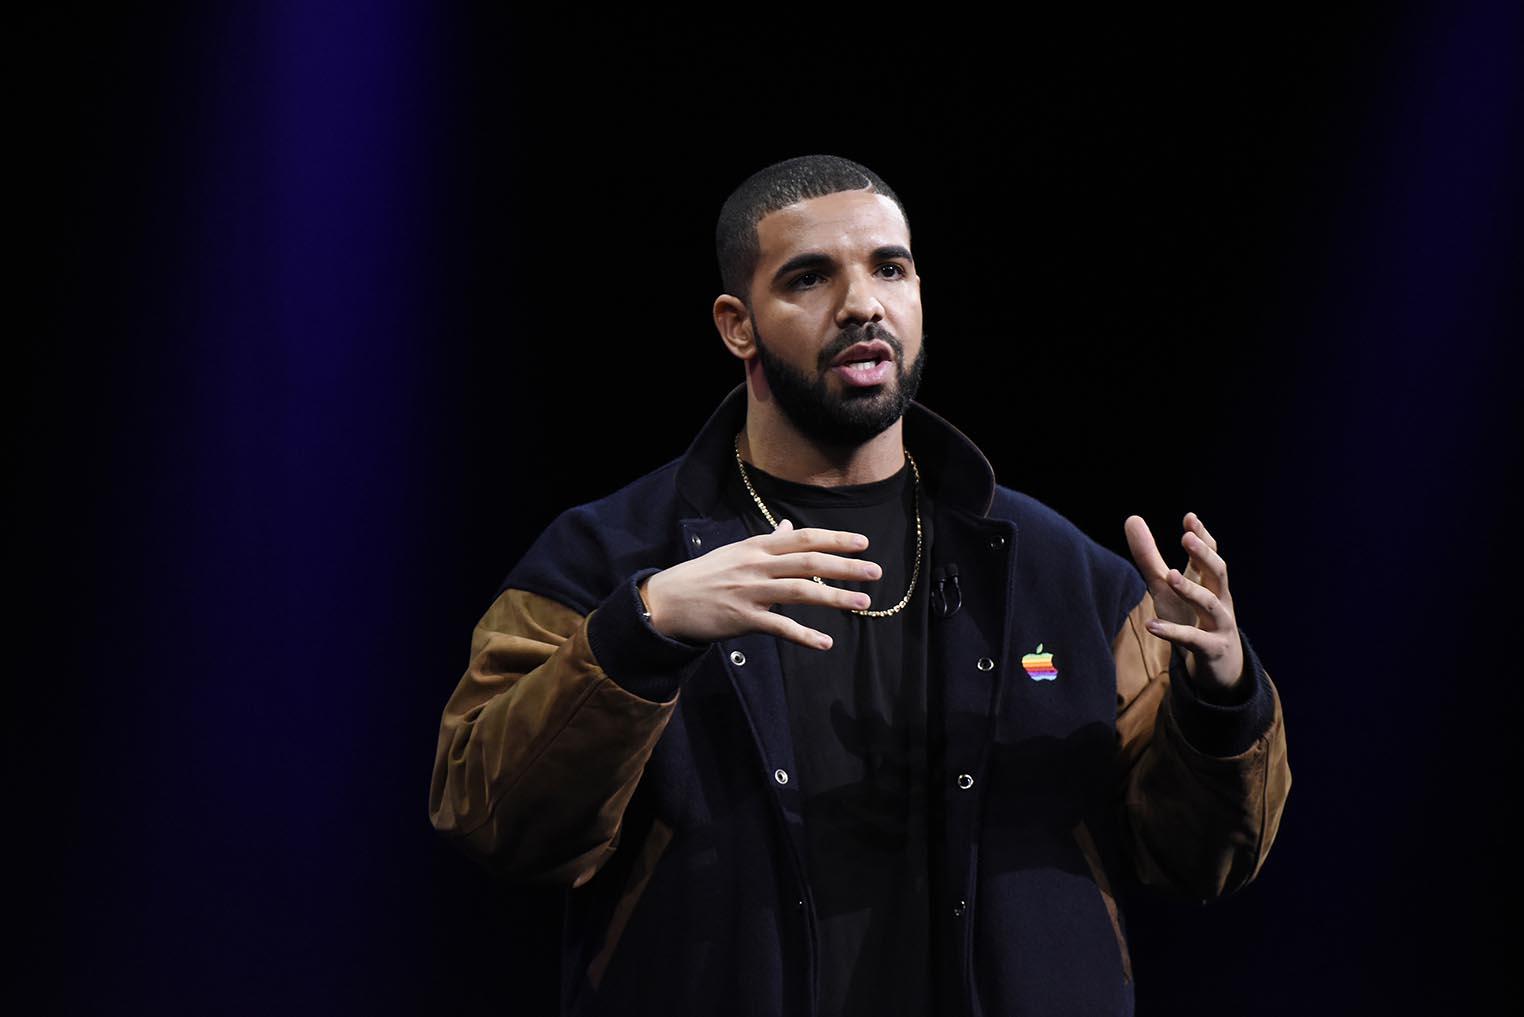 Apple Music keynote Drake